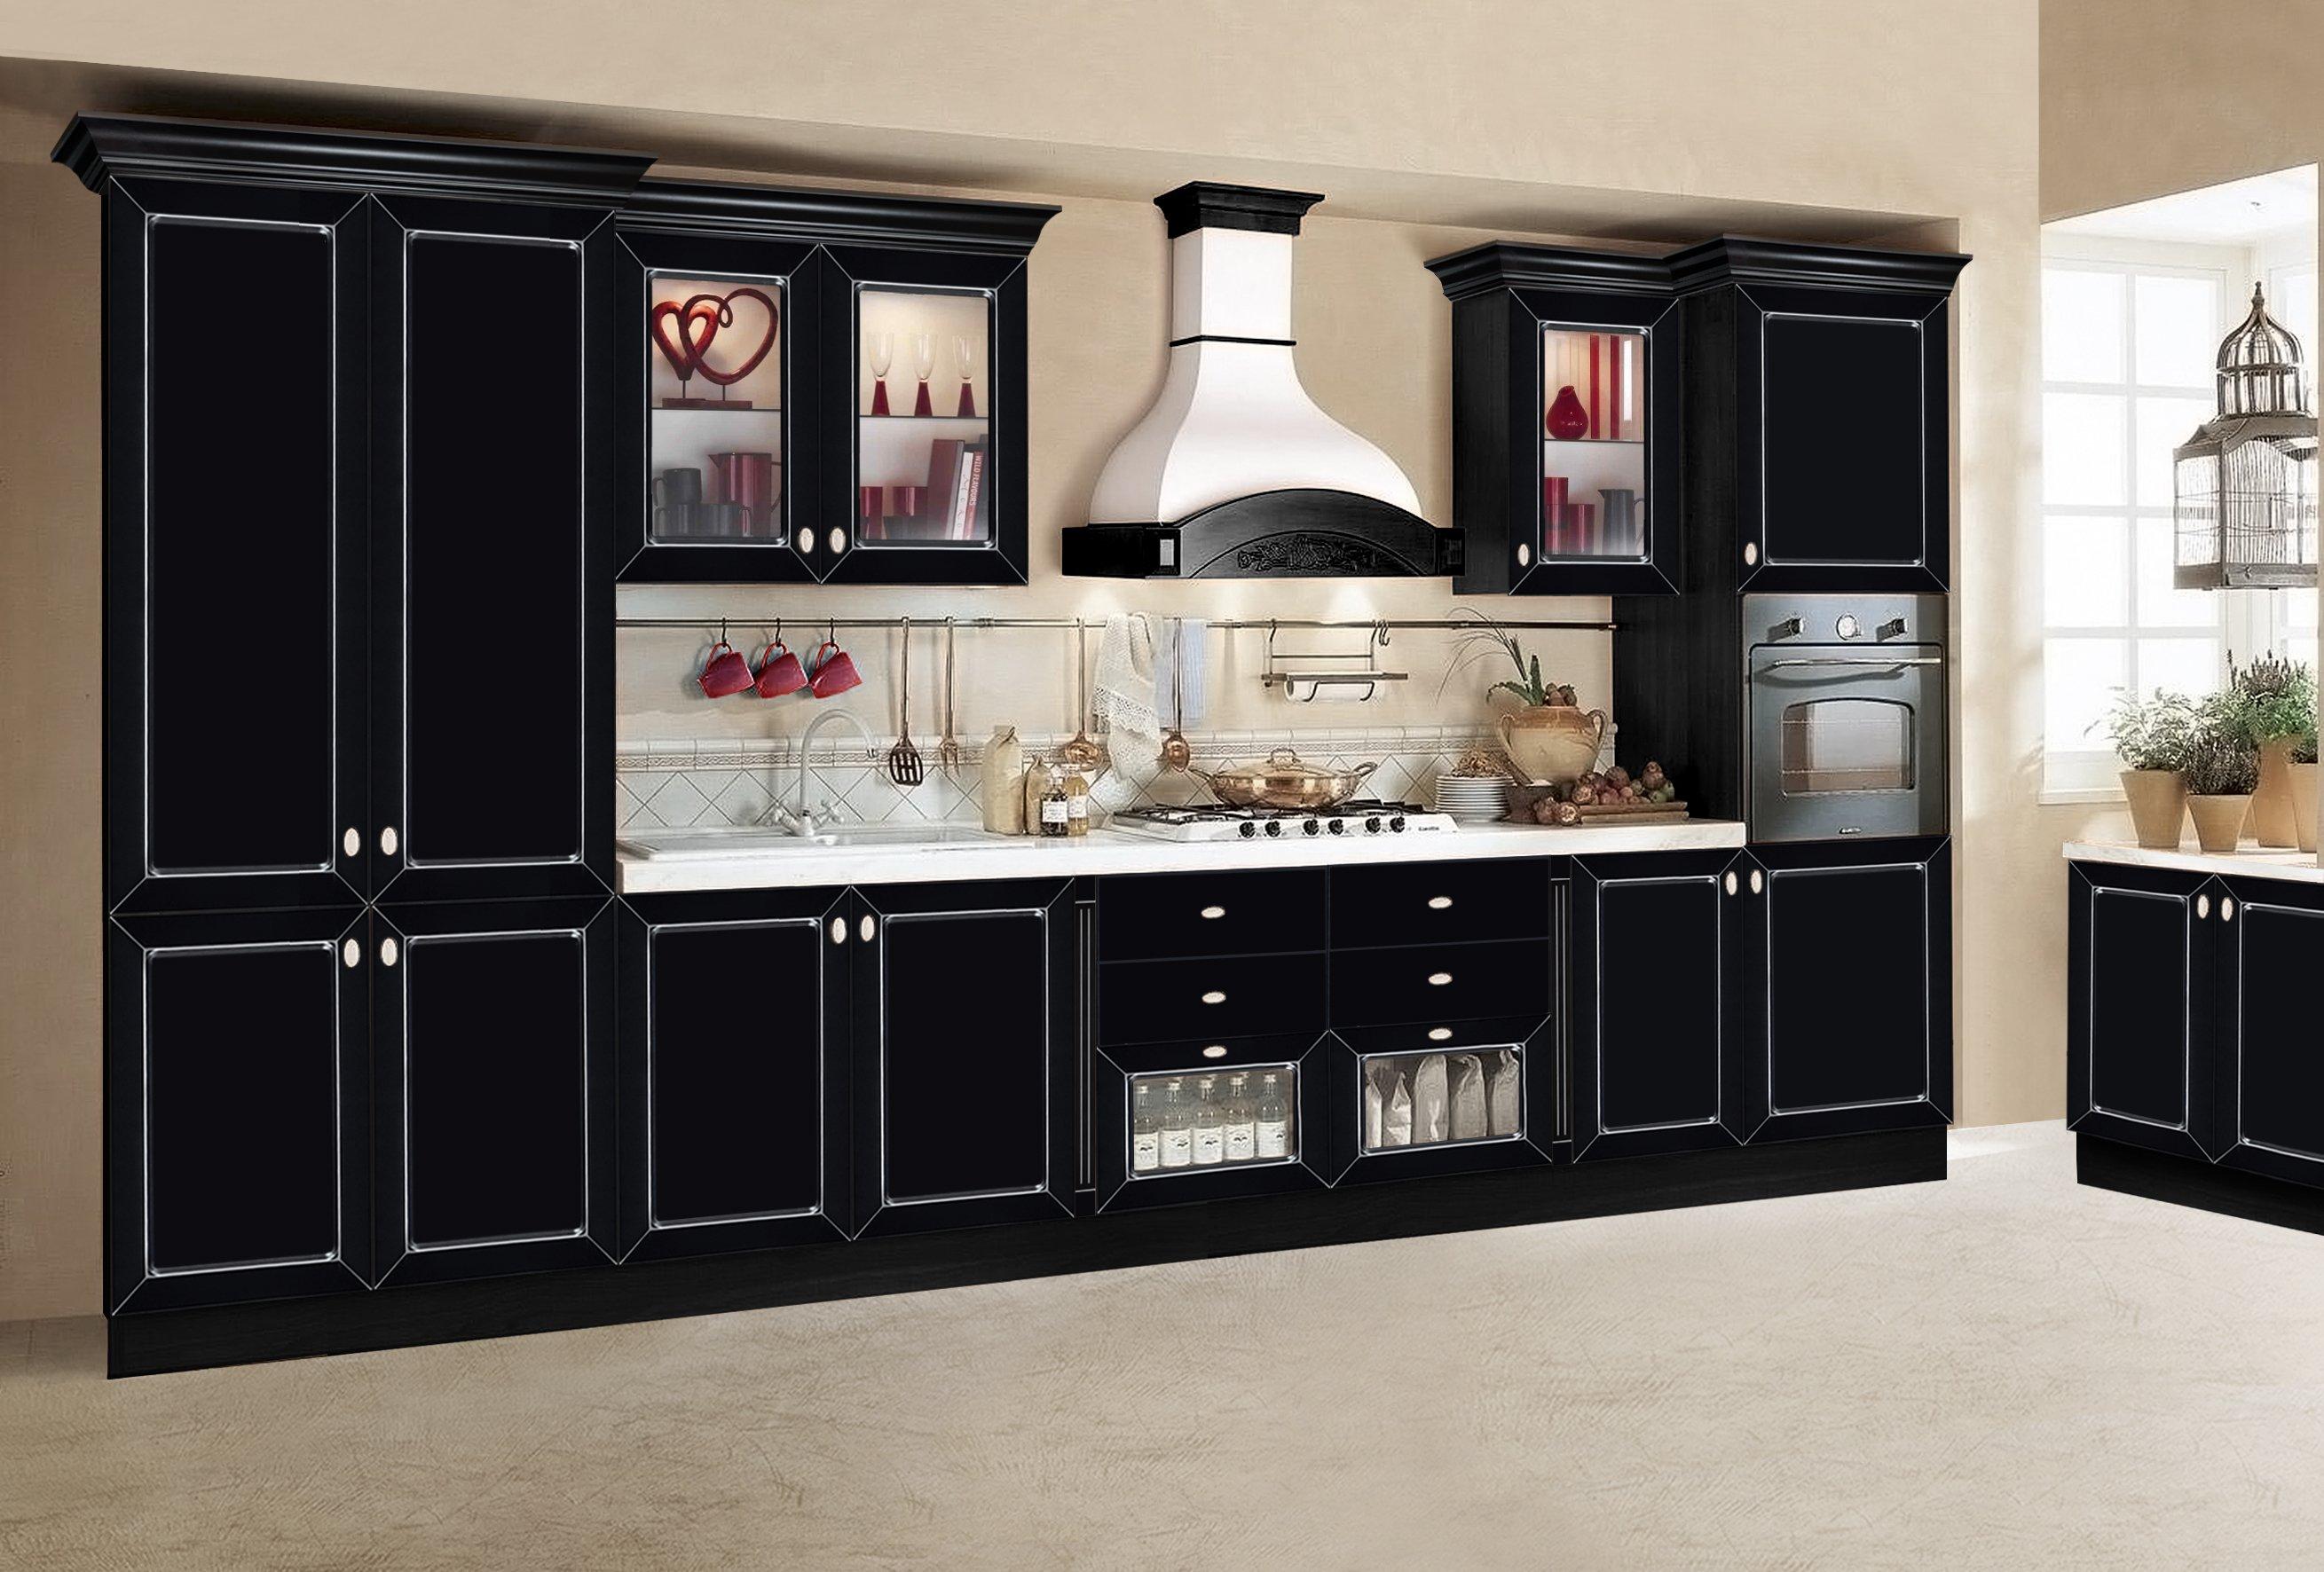 Дизайн кухни фото с фартуком кирпича просто какая-то